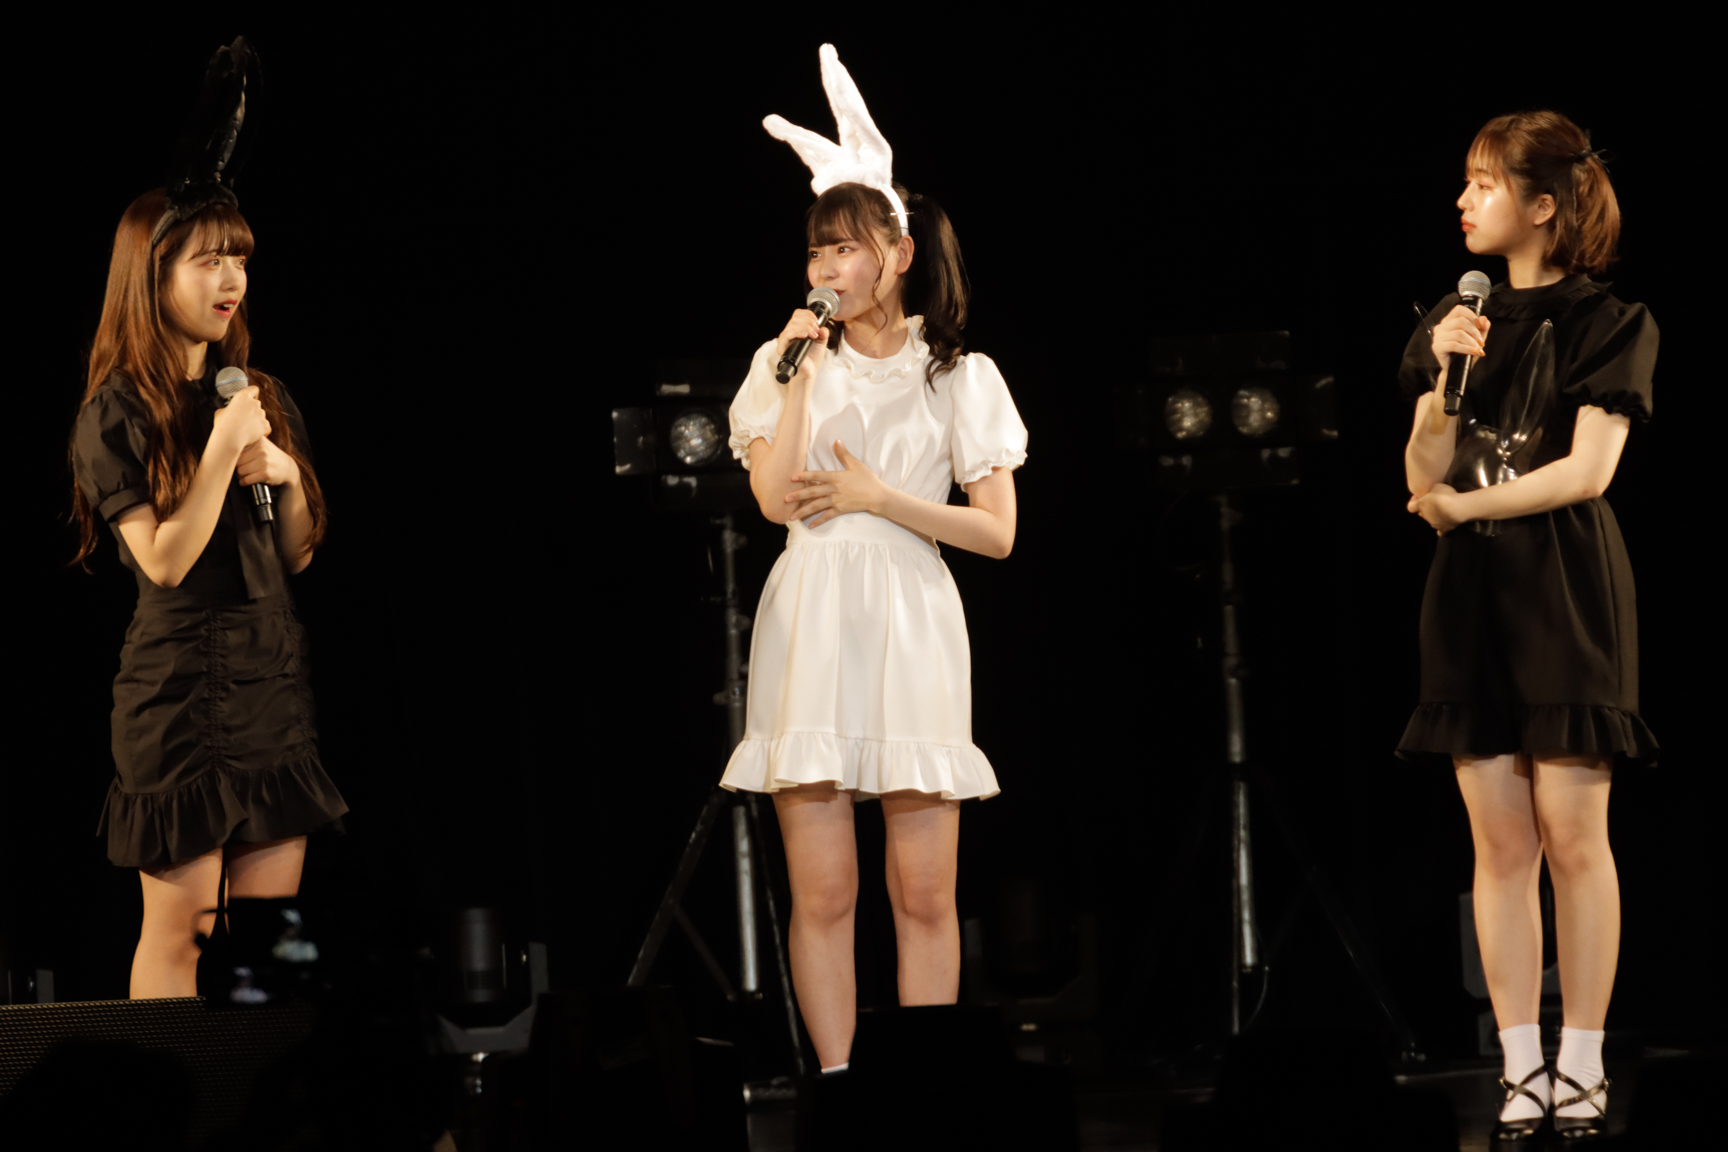 齋藤なぎさ、kirari、なえなのら人気モデルが「LARMEステージ」に登場<超十代>